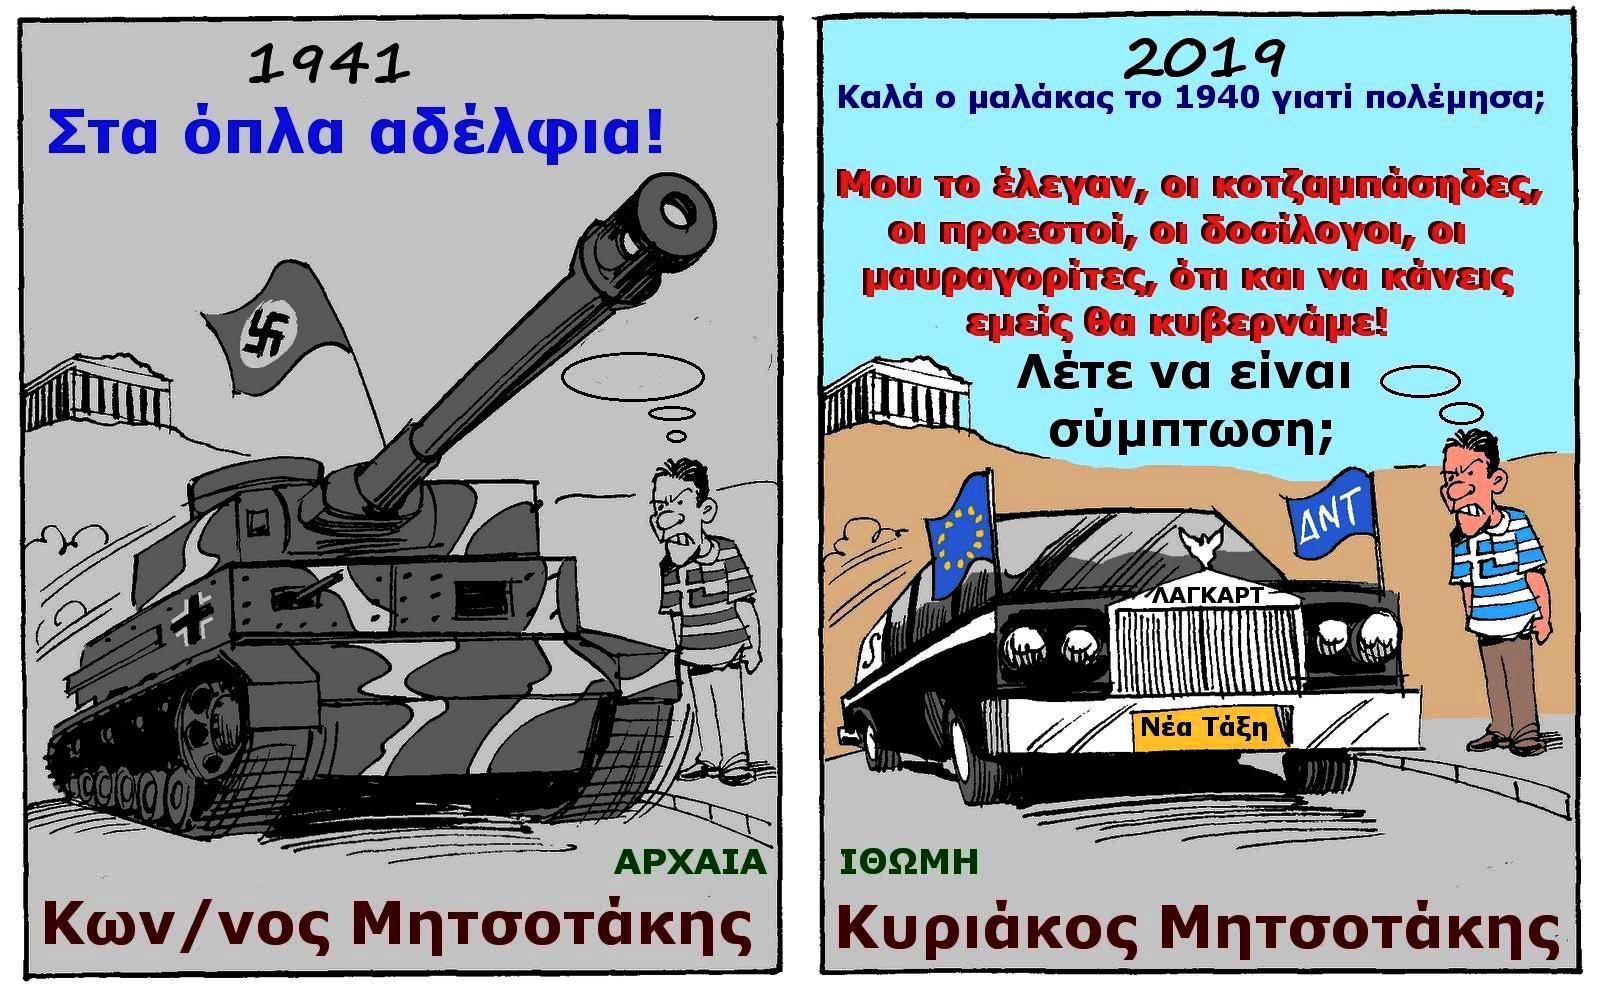 ΕΡΧΕΤΑΙ Η ΛΑΓΚΑΡΤ 2